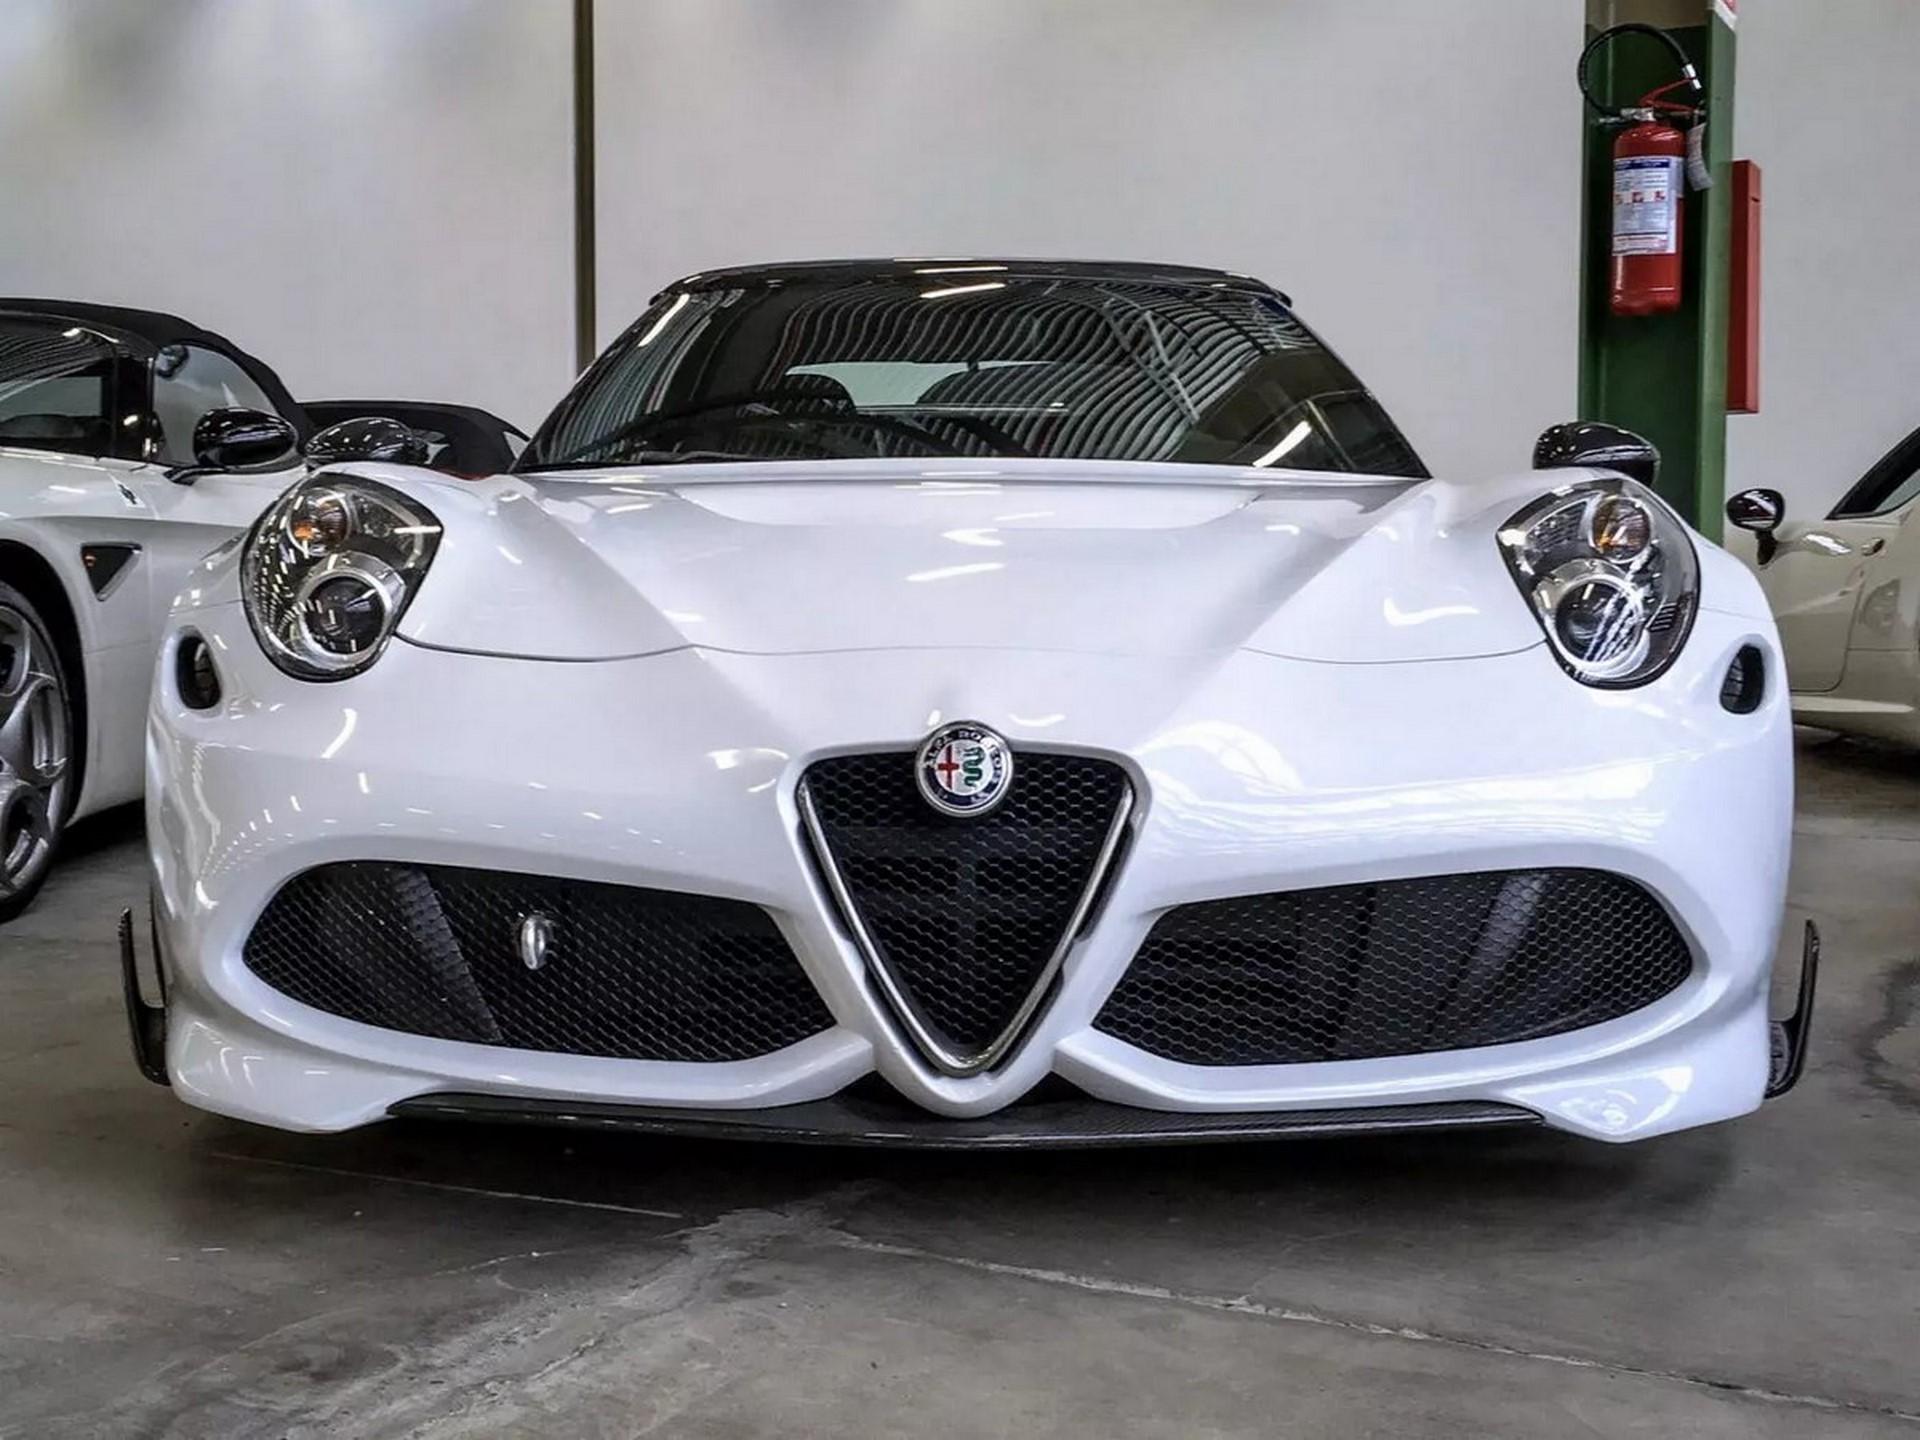 Alfa-Romeo-4C-Quadrifoglio-prototype-FCA-Heritage-Hub-4